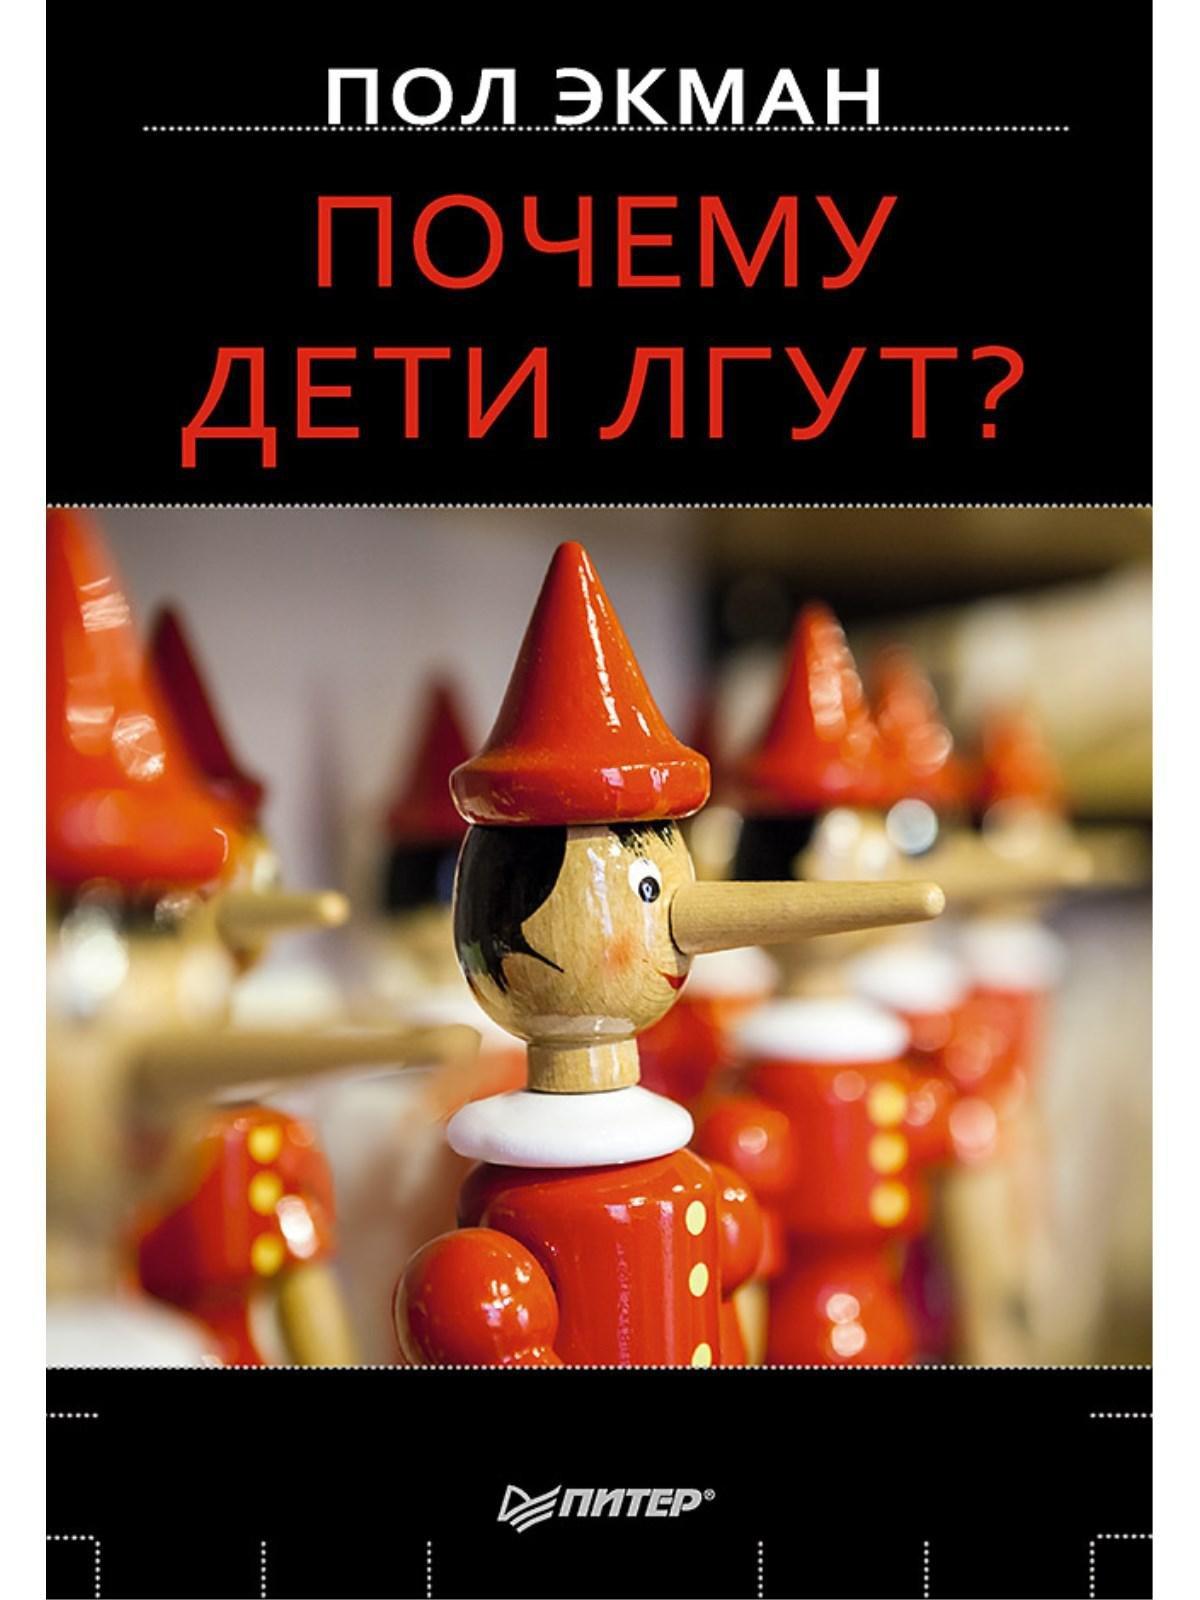 Экман П Почему дети лгут? экман п почему дети лгут как научить детей говорить правду